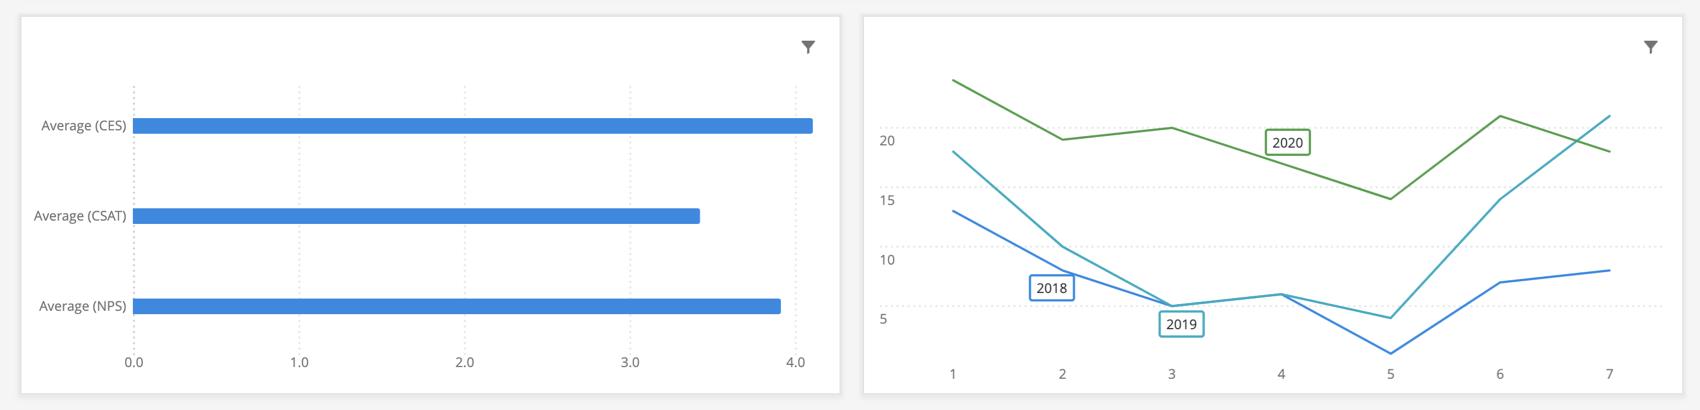 左に棒グラフ、右に線グラフの例